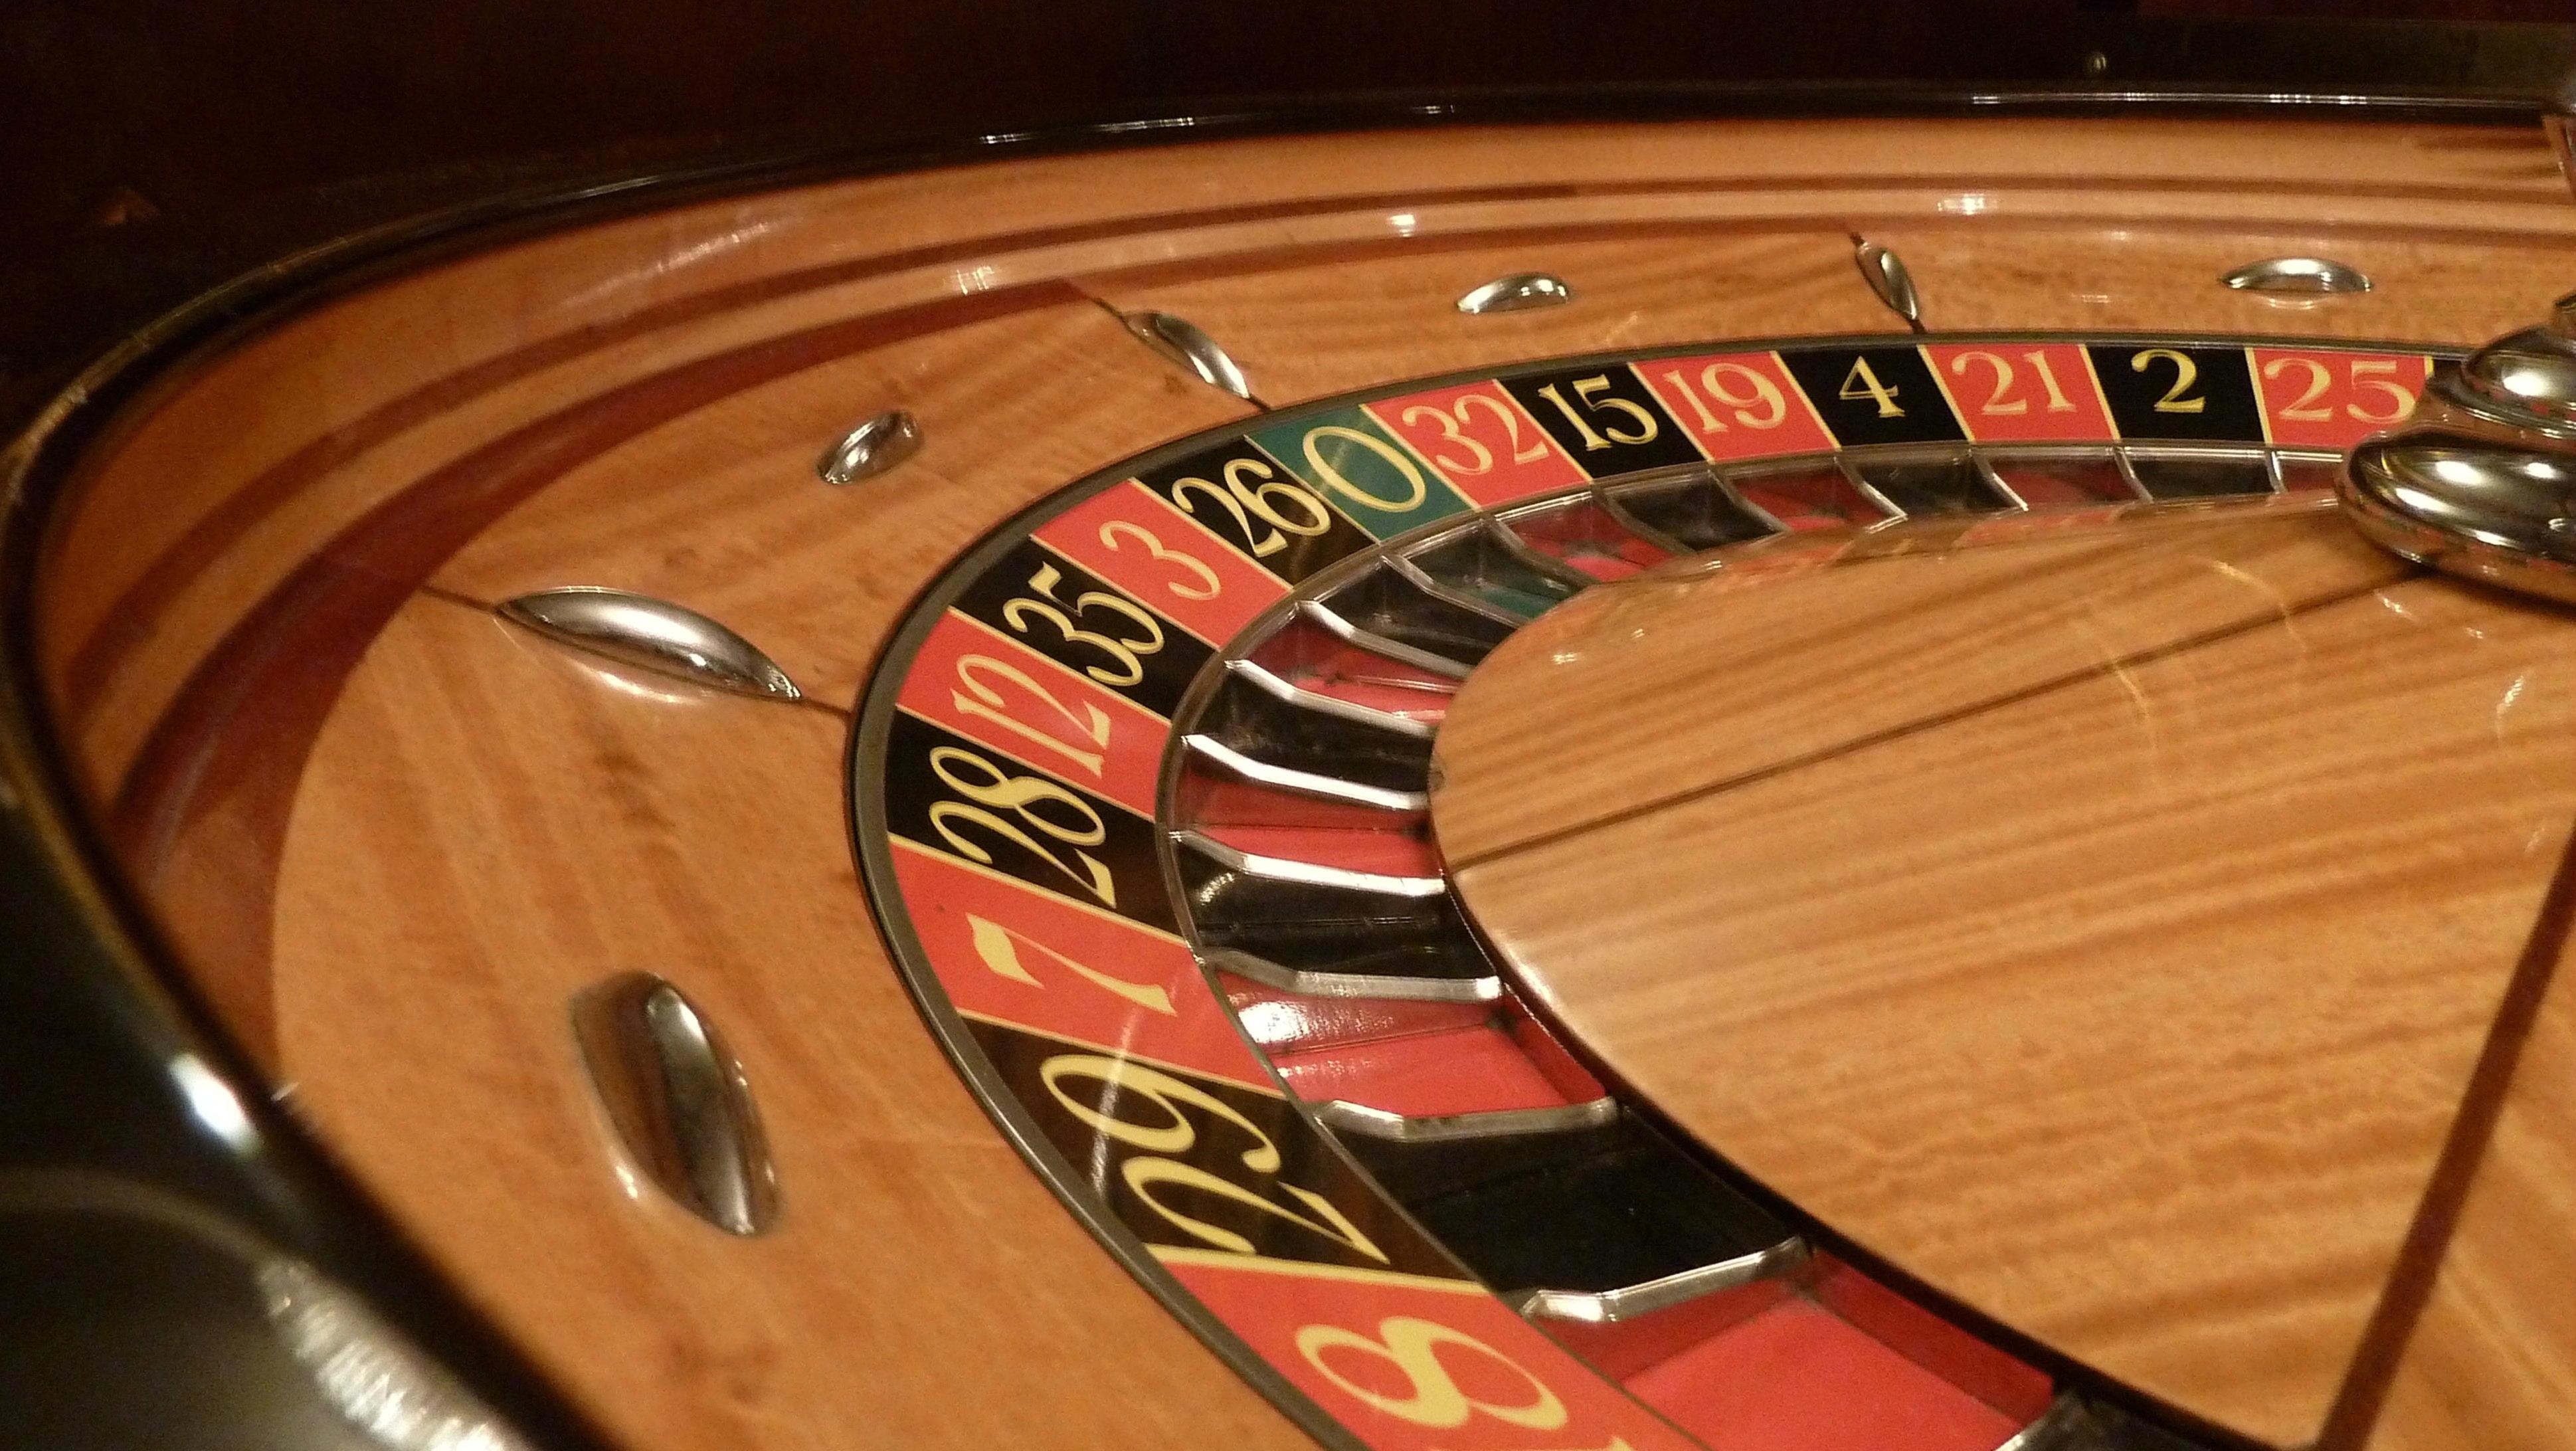 95 անվճար խաղարկություն է տեղի ունեցել 777 Casino- ում